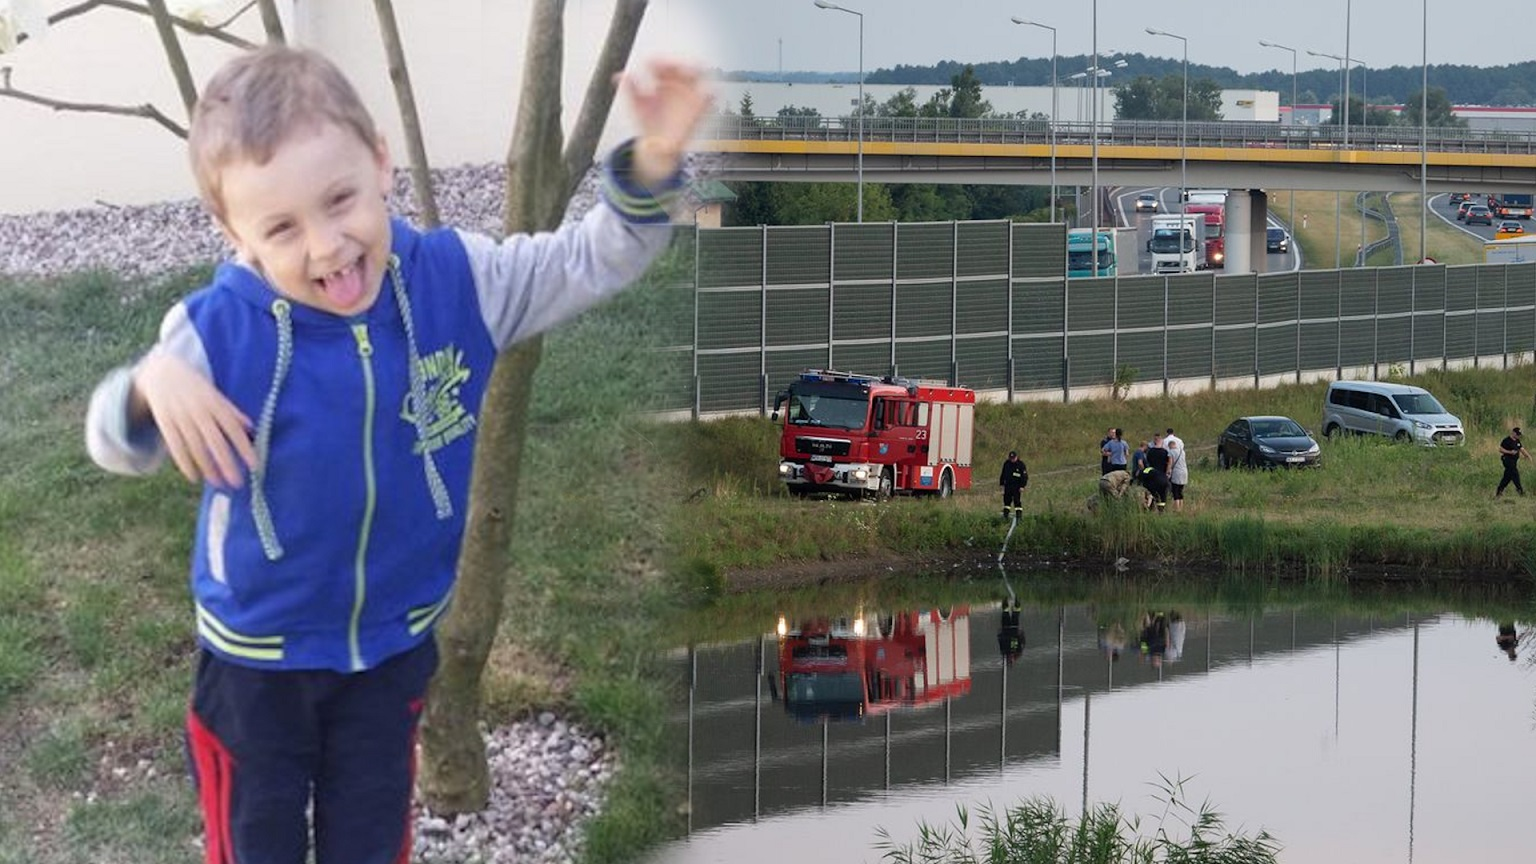 W sobotę znaleziono ciało Dawidka. Są pierwsze przecieki na temat przypuszczalnego powodu śmierci dziecka